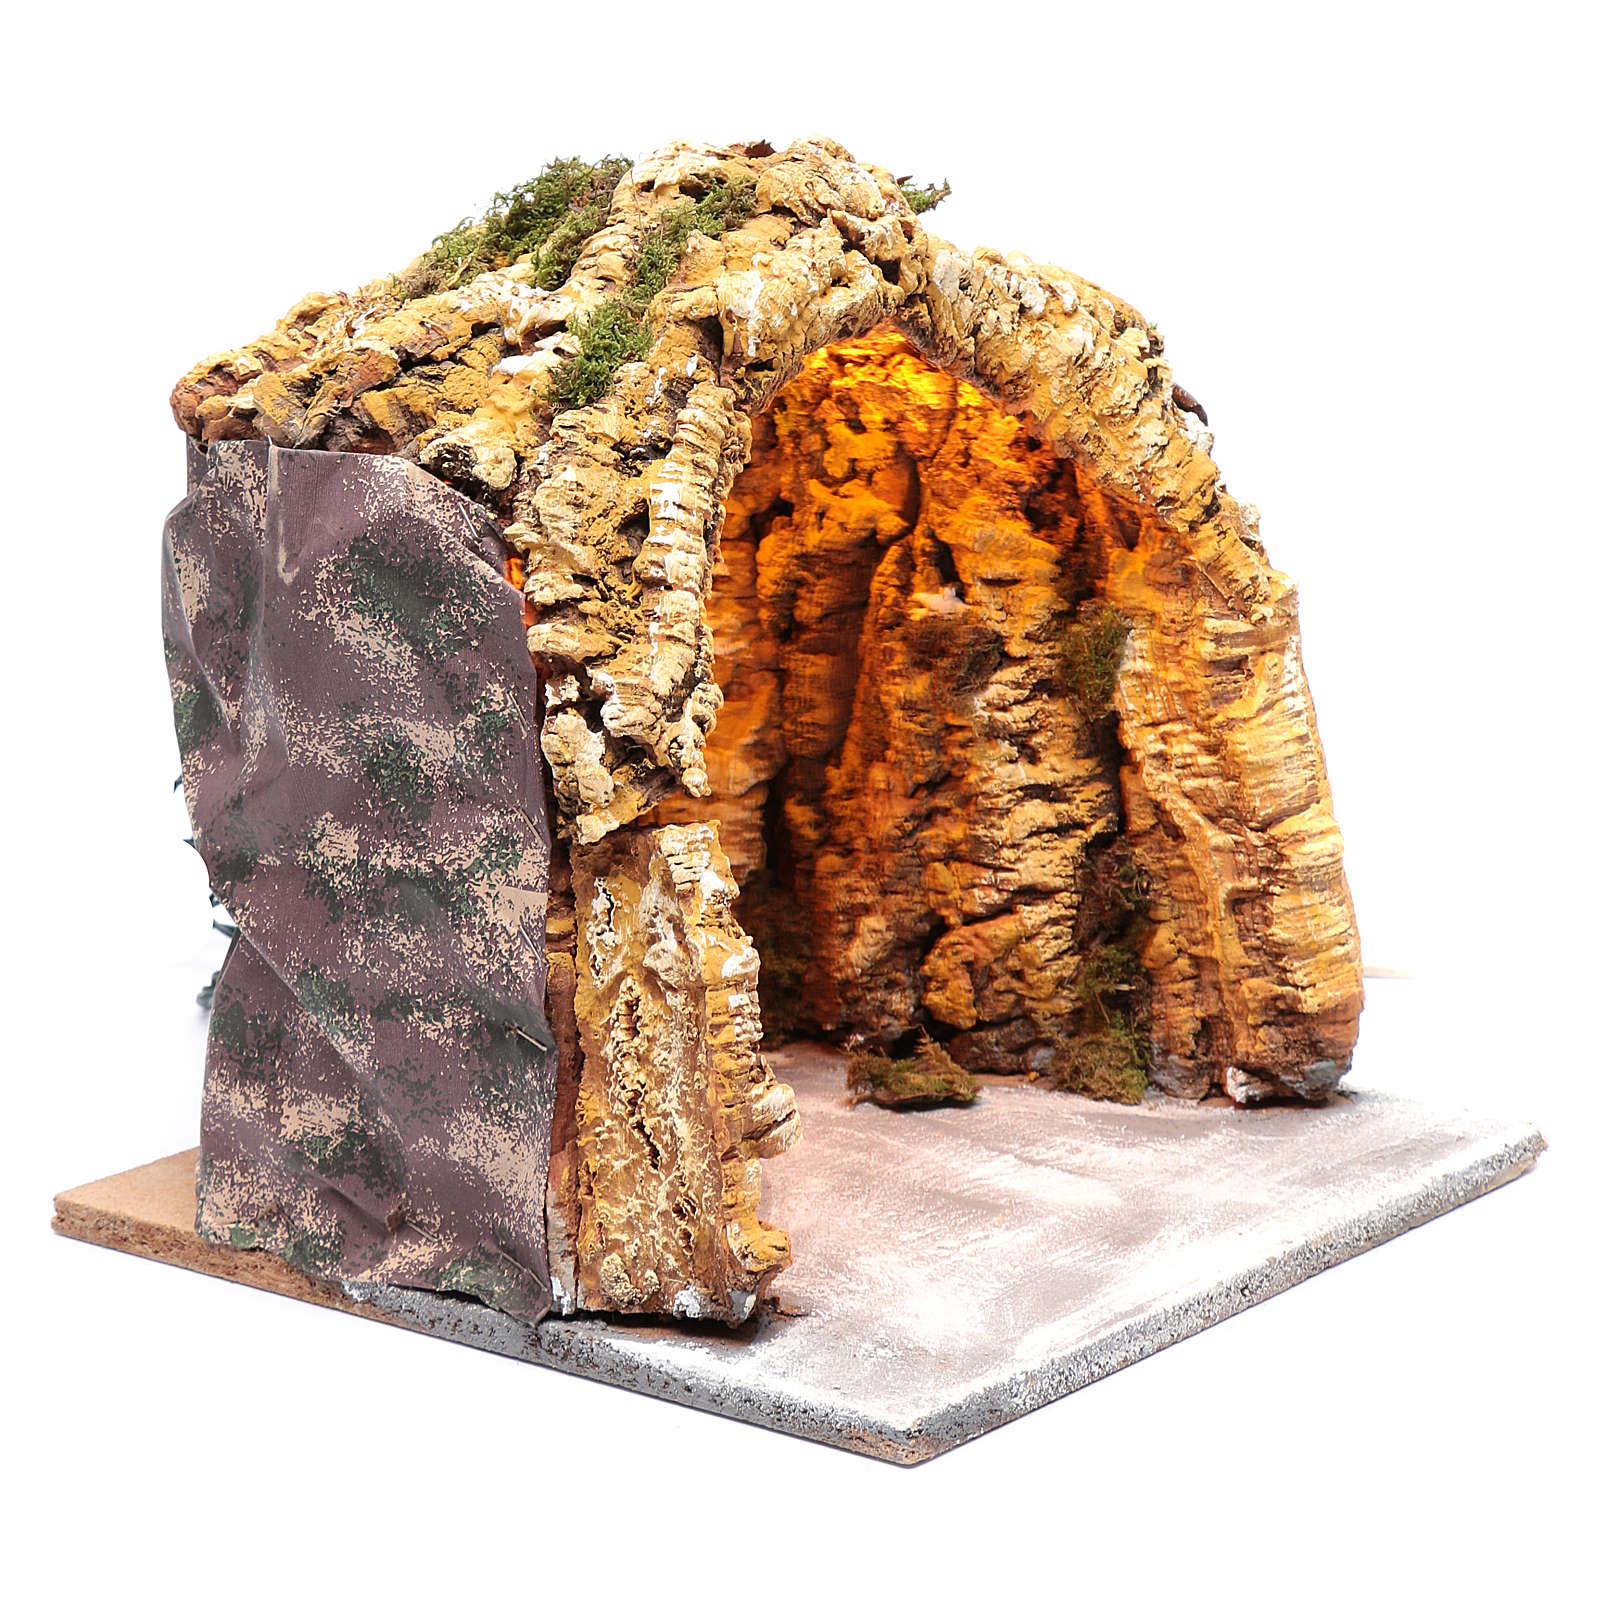 Grotta illuminata legno e sughero presepe napoletano 30x30x30 cm 4